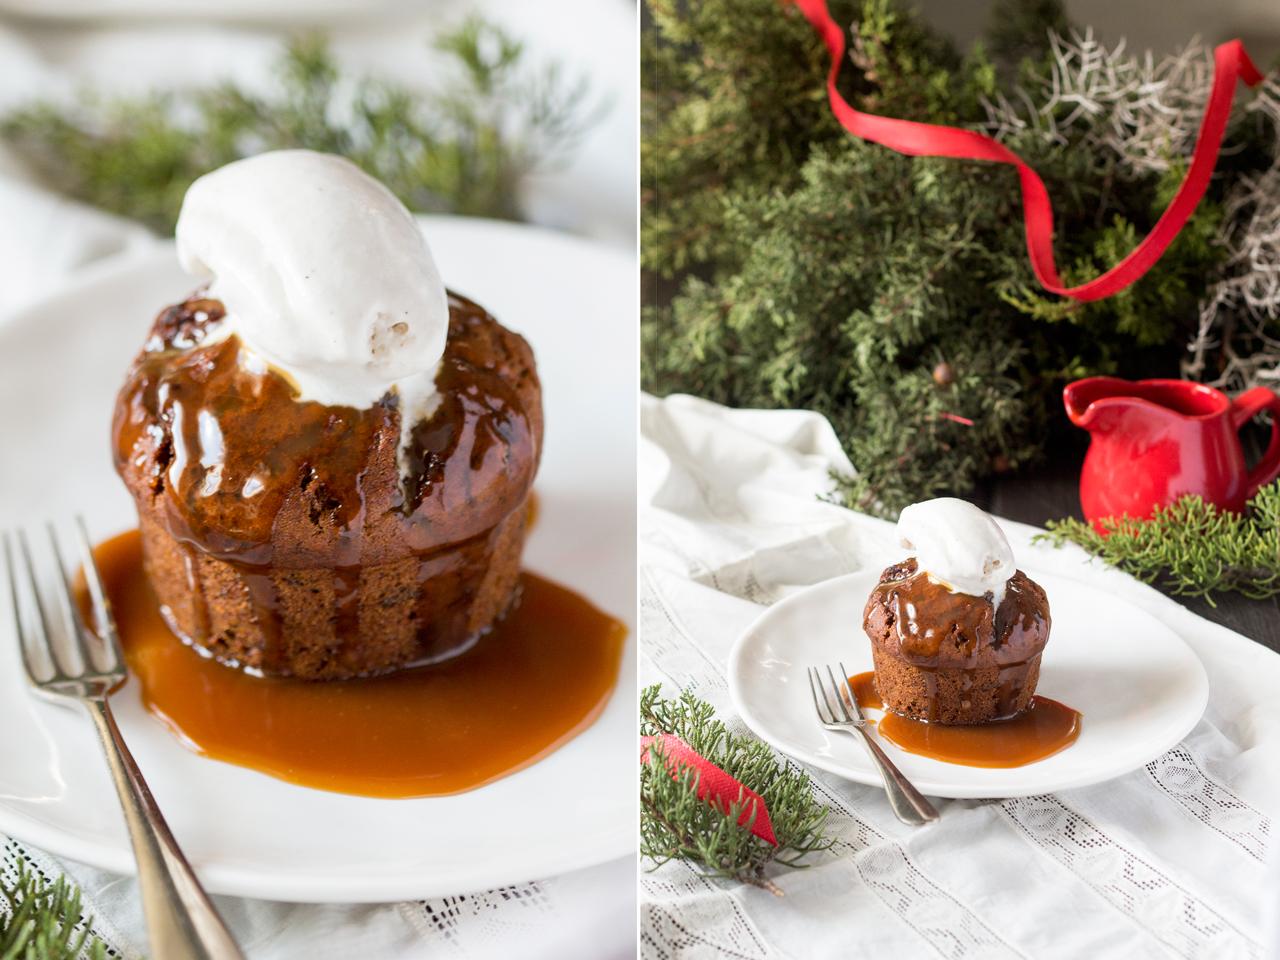 wegańskie ciasto daktylowe z toffee i lodami waniliowymi duo